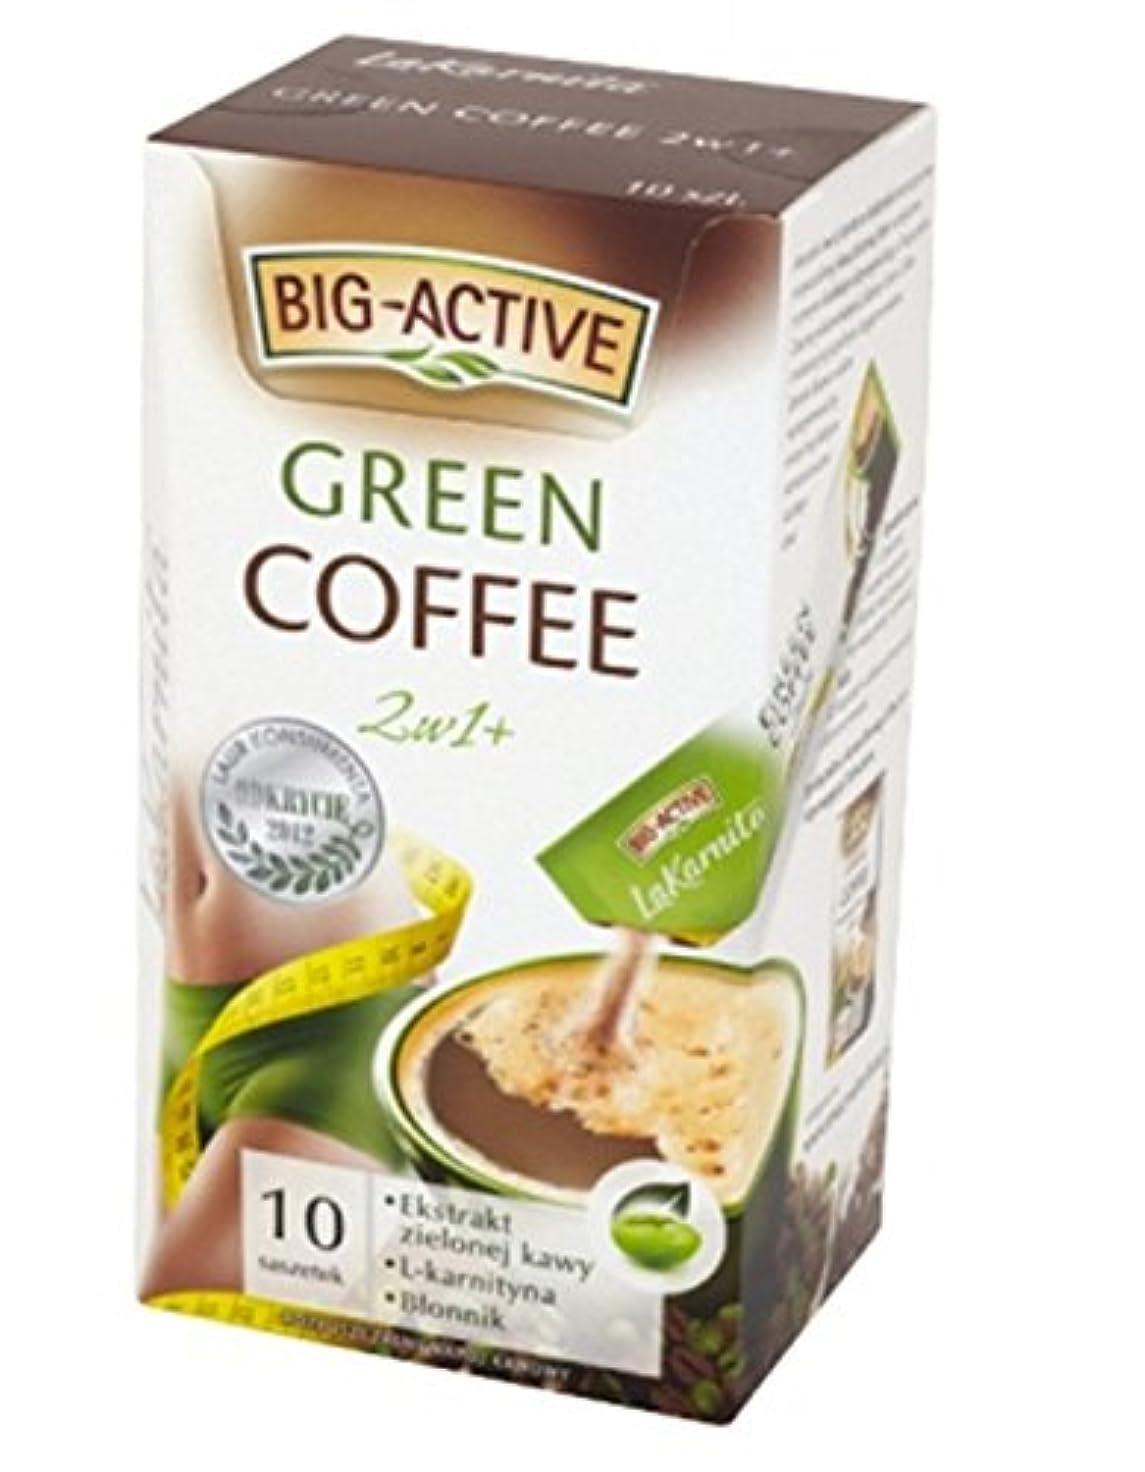 有望感謝している学校スリミン グリー グコーヒー/5 boxes Big Active La Karnita Green Coffee Slimming Sachet 2 IN 1